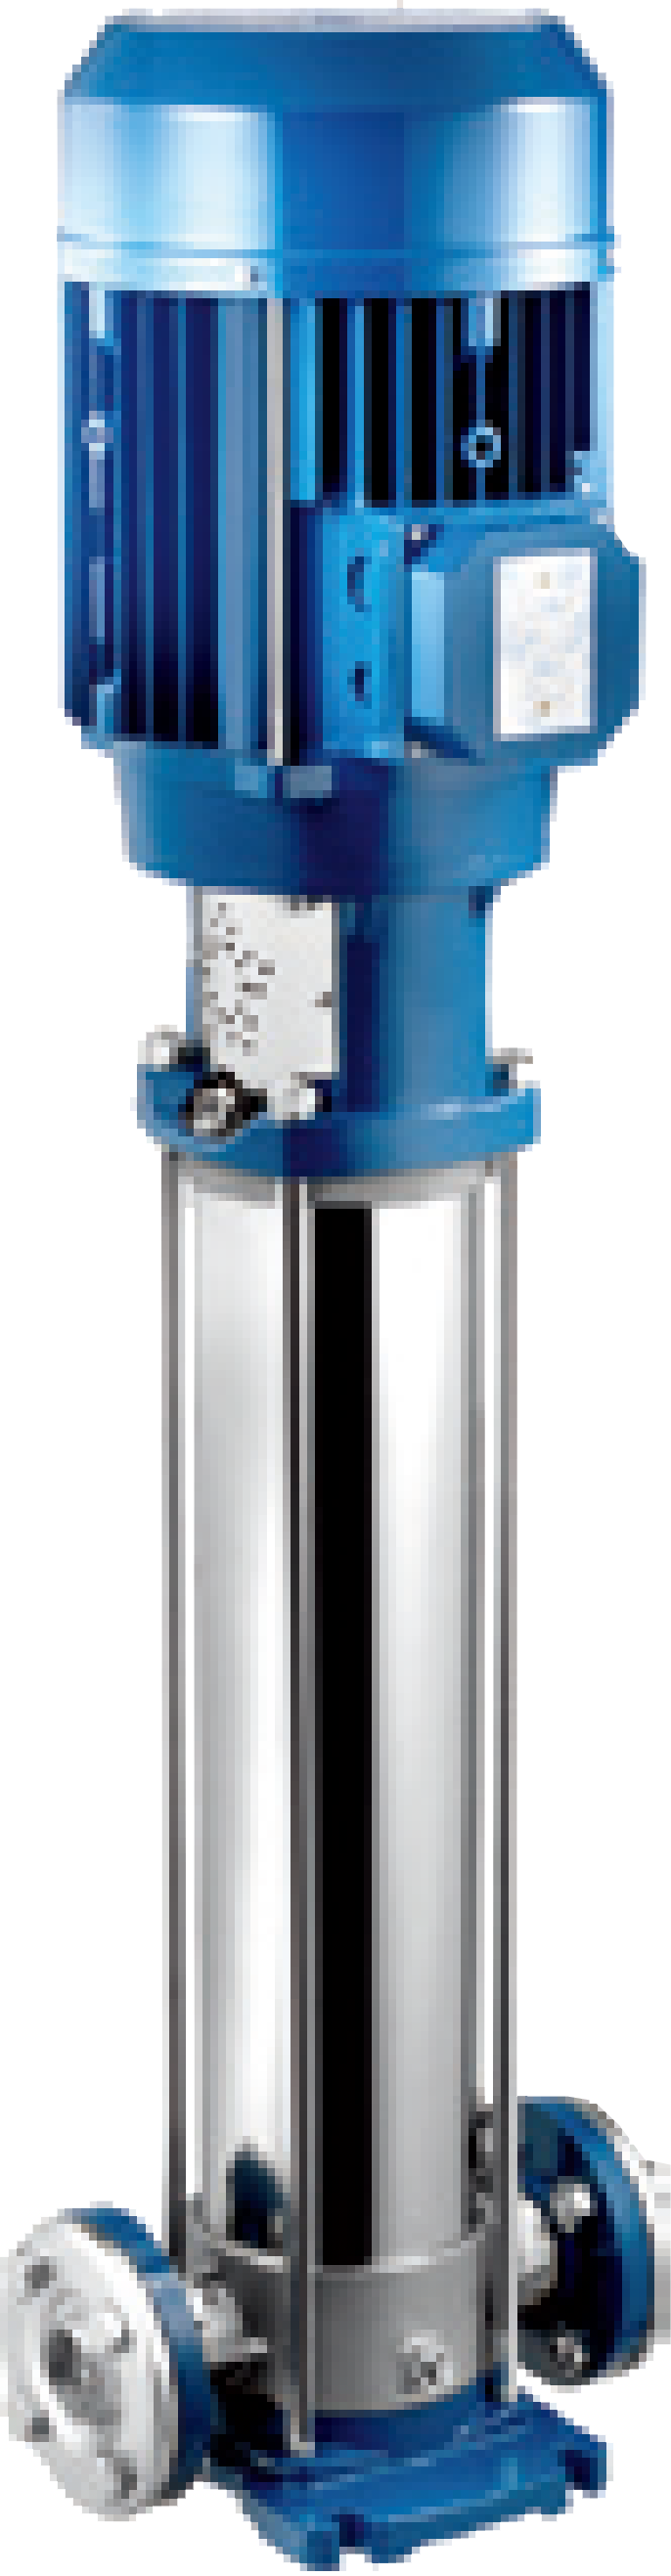 立式不銹鋼多級泵——賓泰克SLXG系列